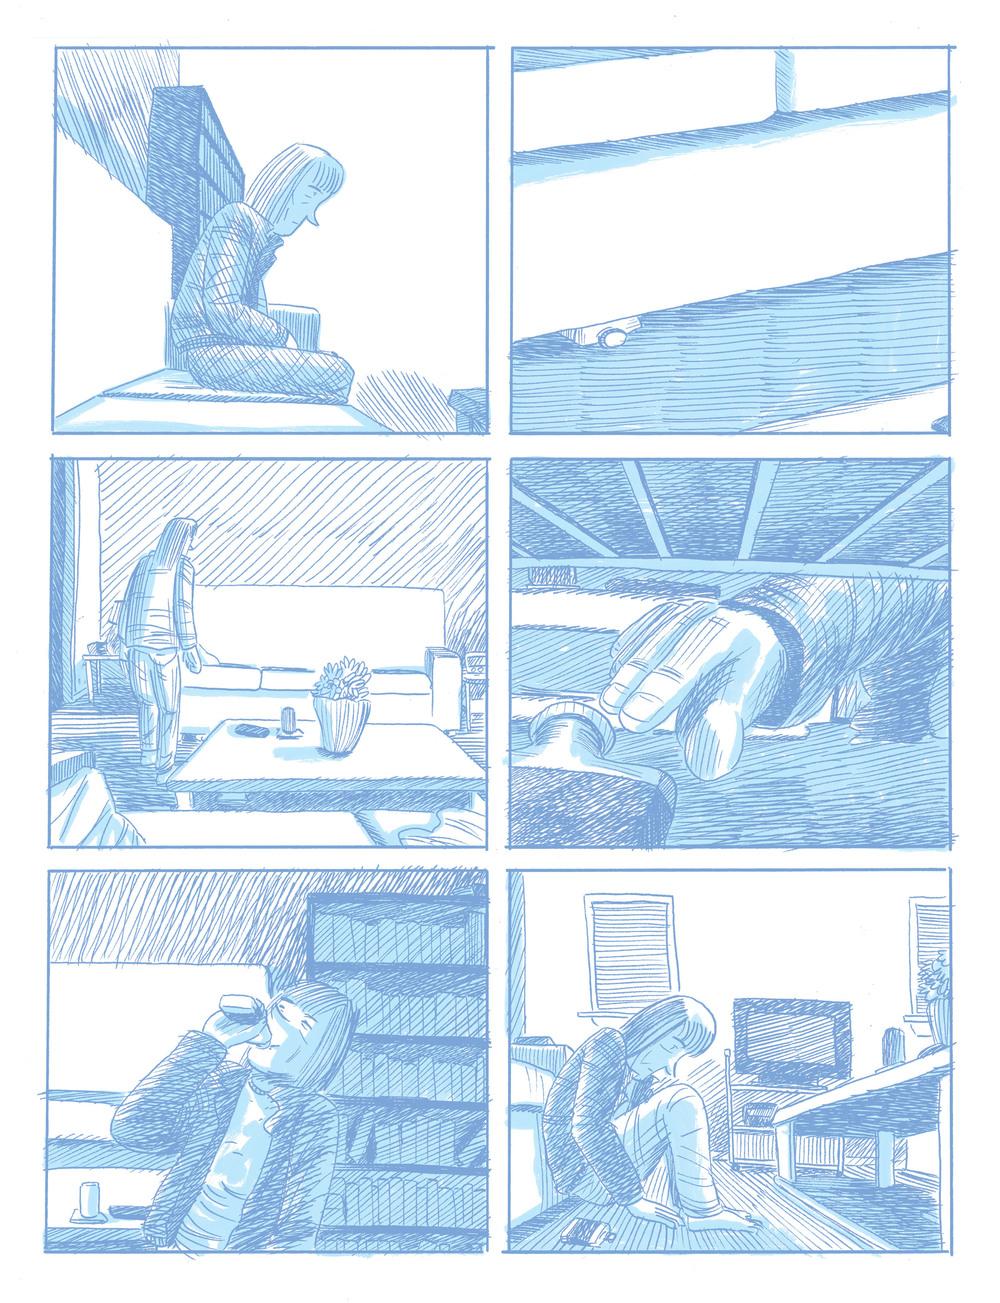 14-2.jpg